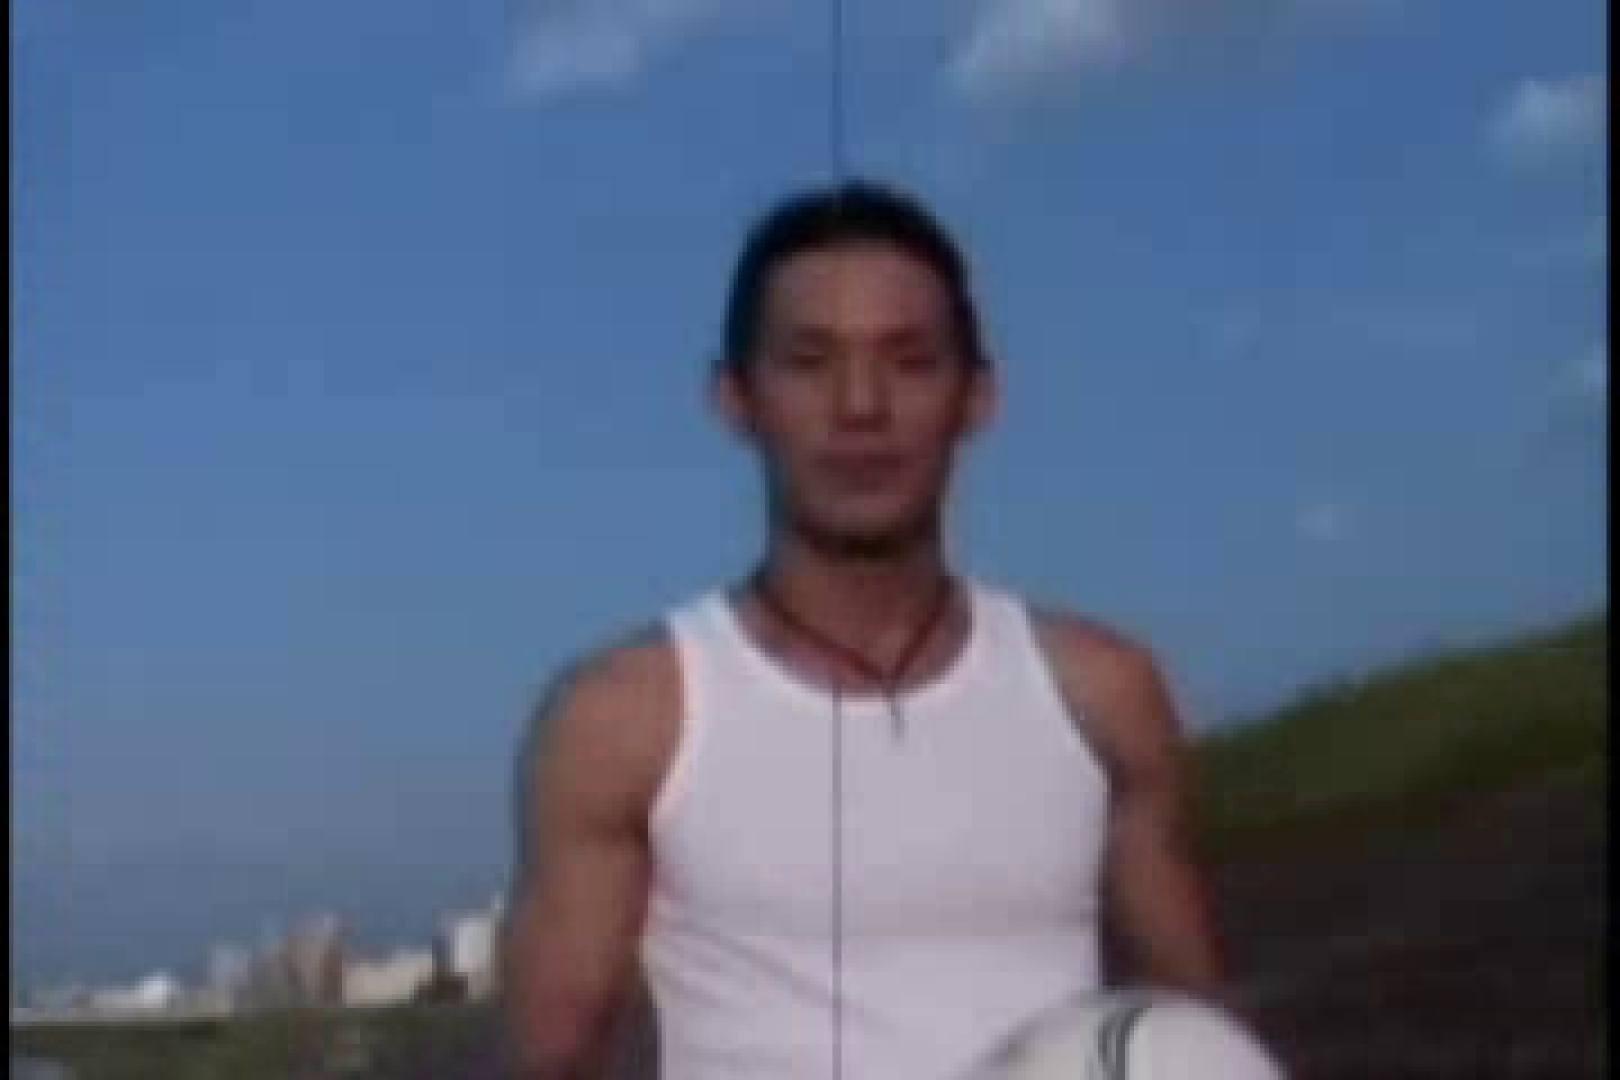 スリ筋!!スポメンのDANKON最高!!take.01 スポーツマン ゲイフリーエロ画像 64枚 36